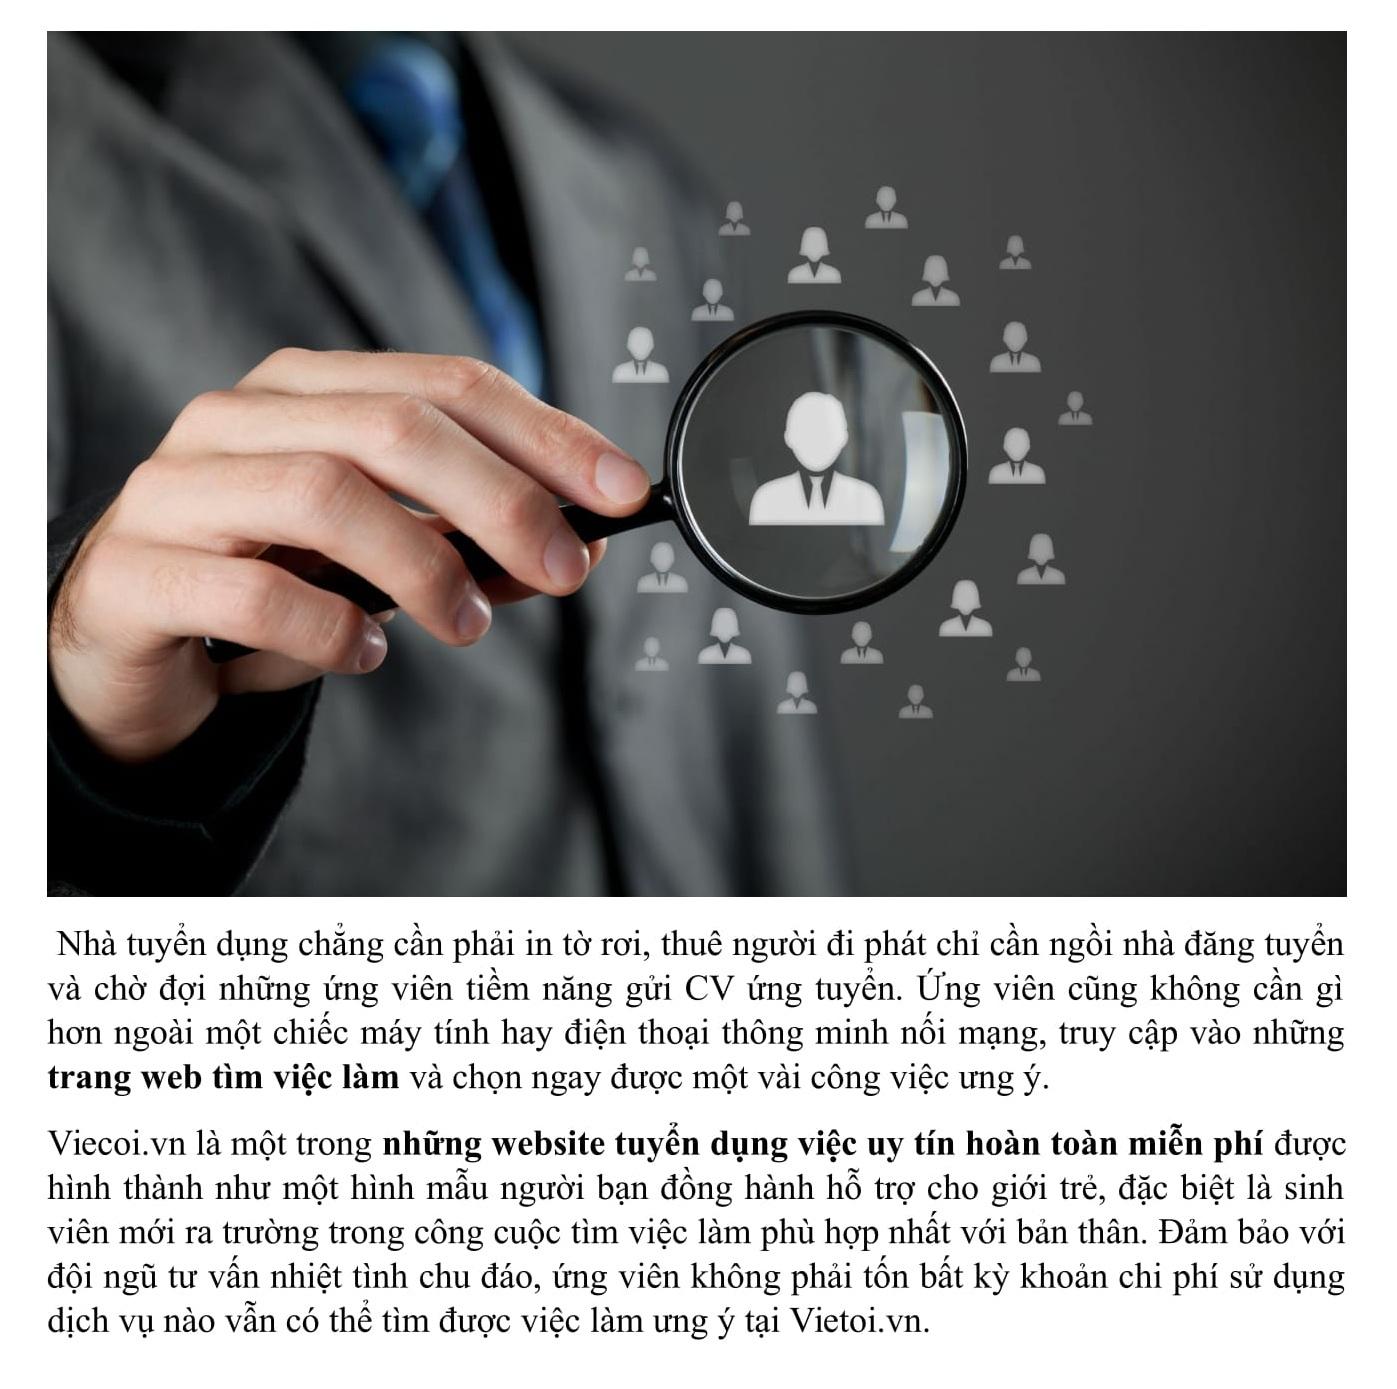 Bài viết seo mẫu cho trang website giới thiệu việc làm, tuyển dụng